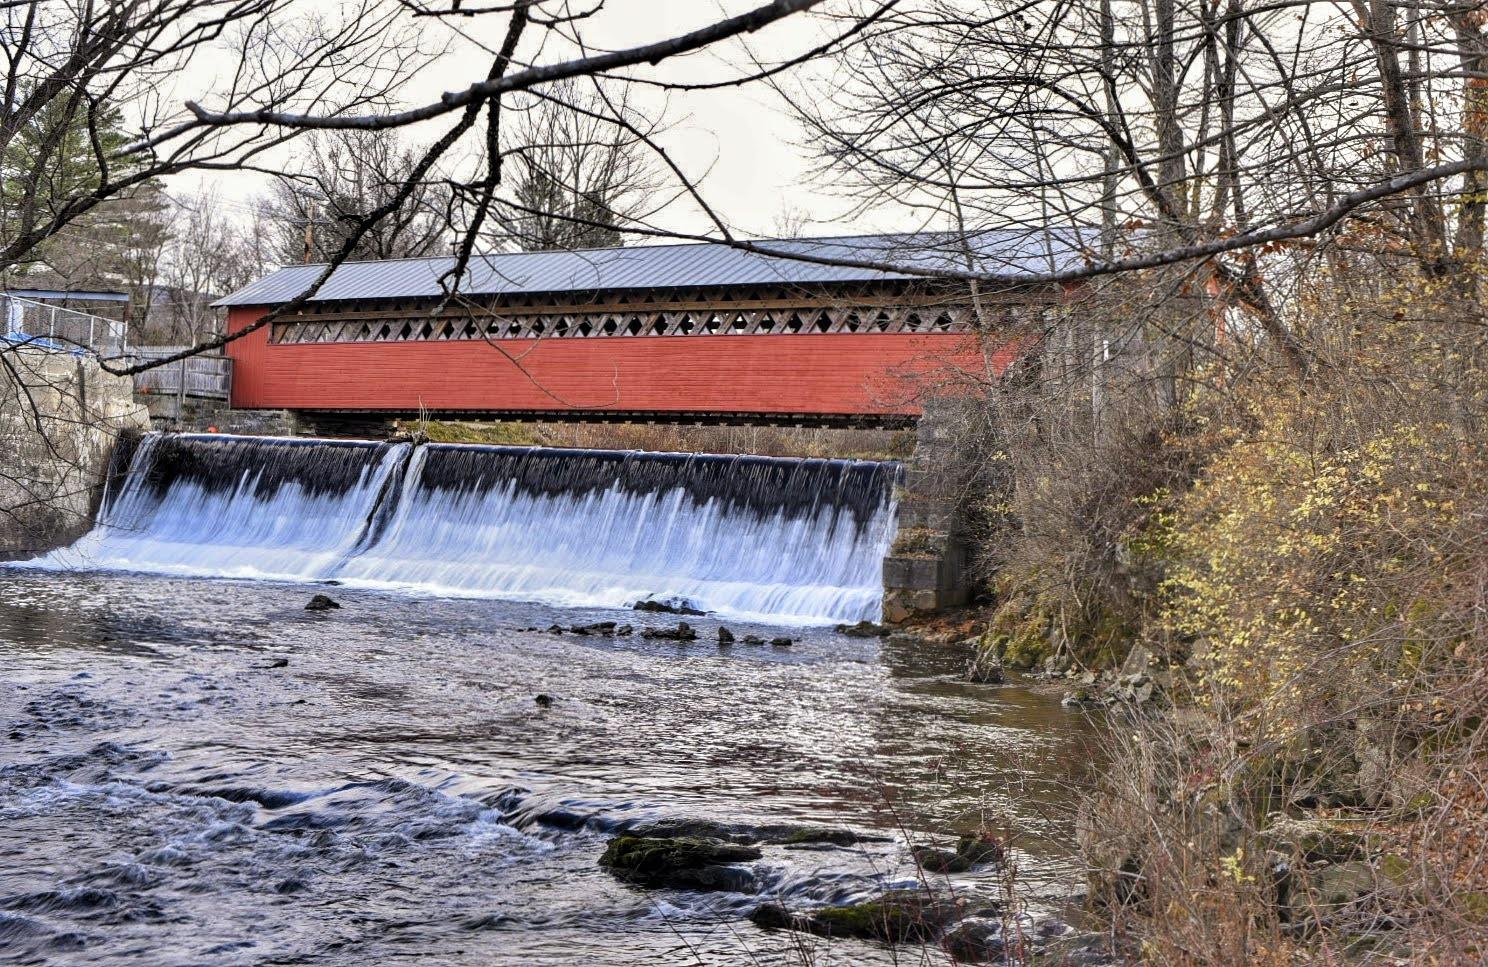 The Paper Mill Village Bridge in Bennington, Vermont